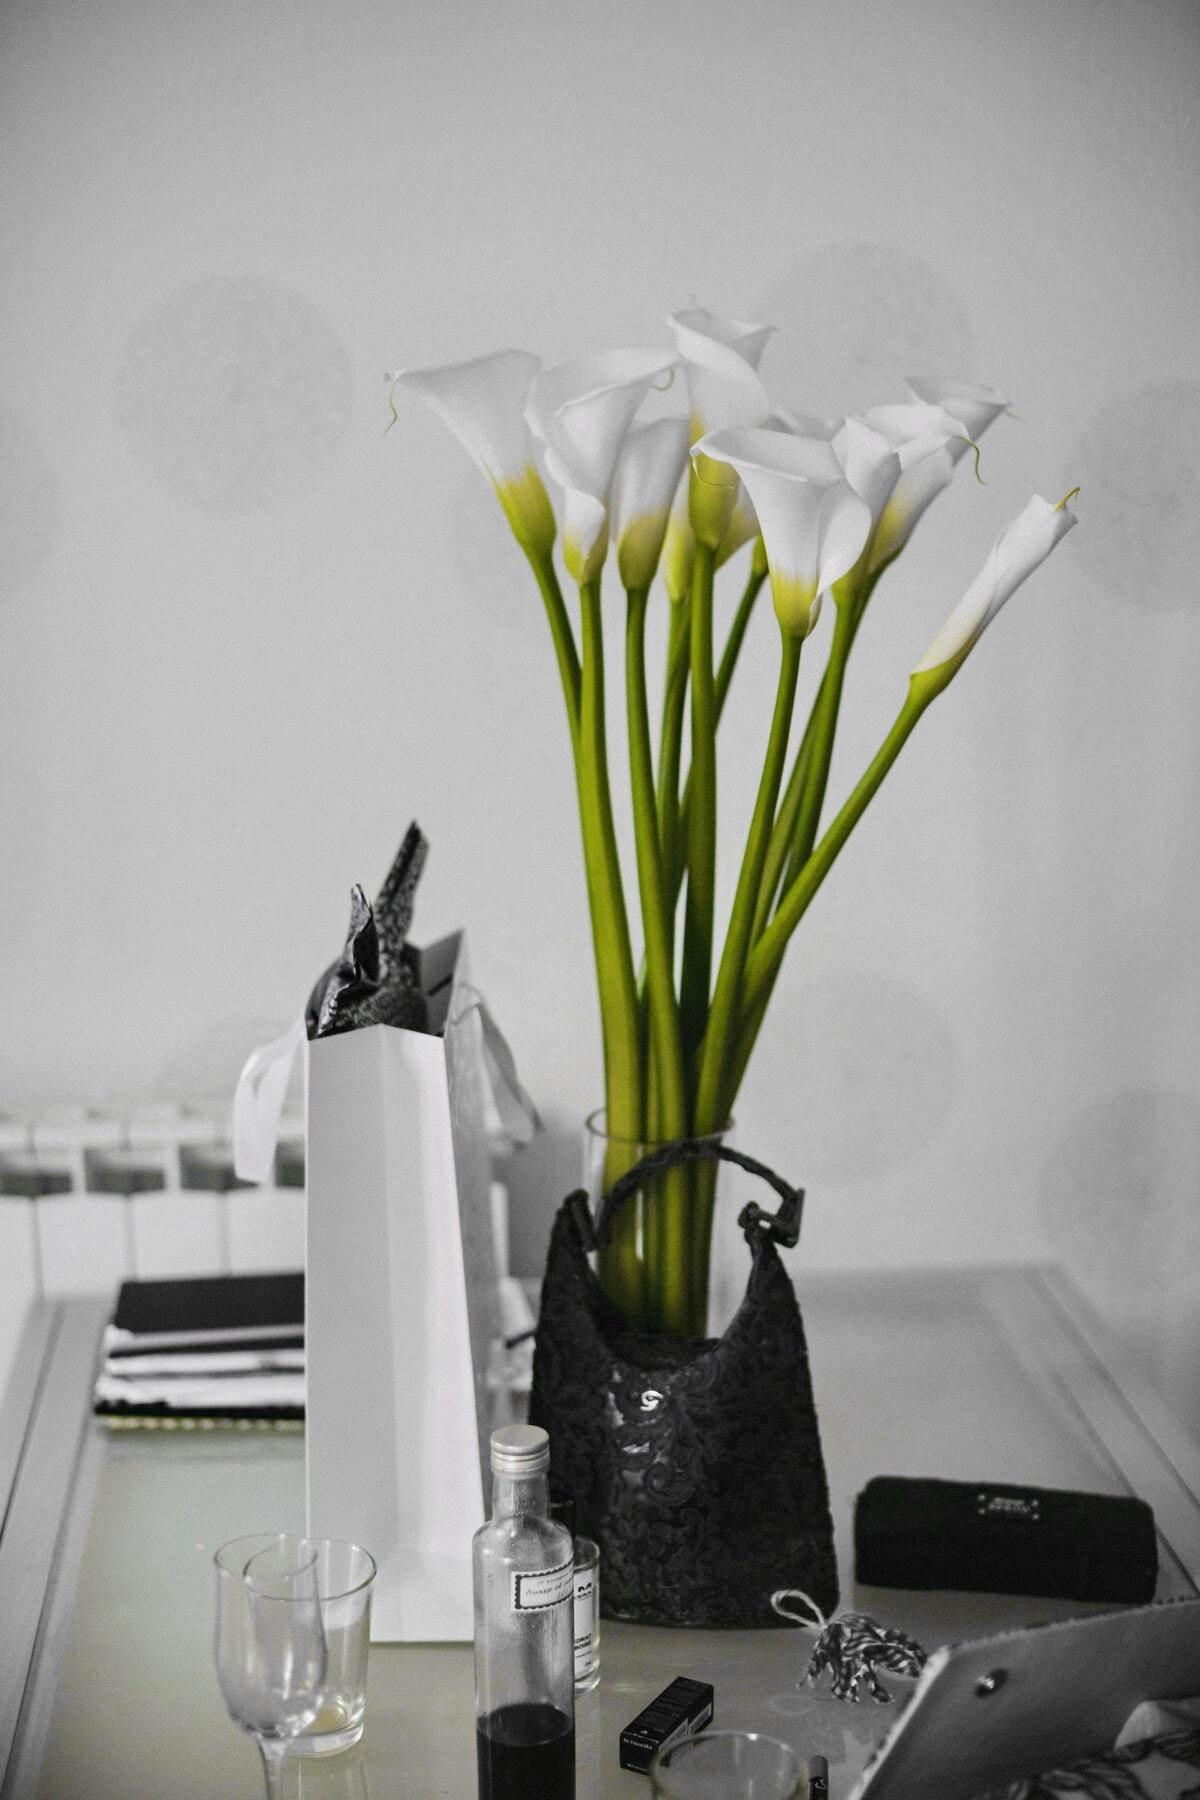 fleur blanche, Bureau, décoration, Bureau, vase, ordinateur portable, élégant, bouteille, sac à main, fleur